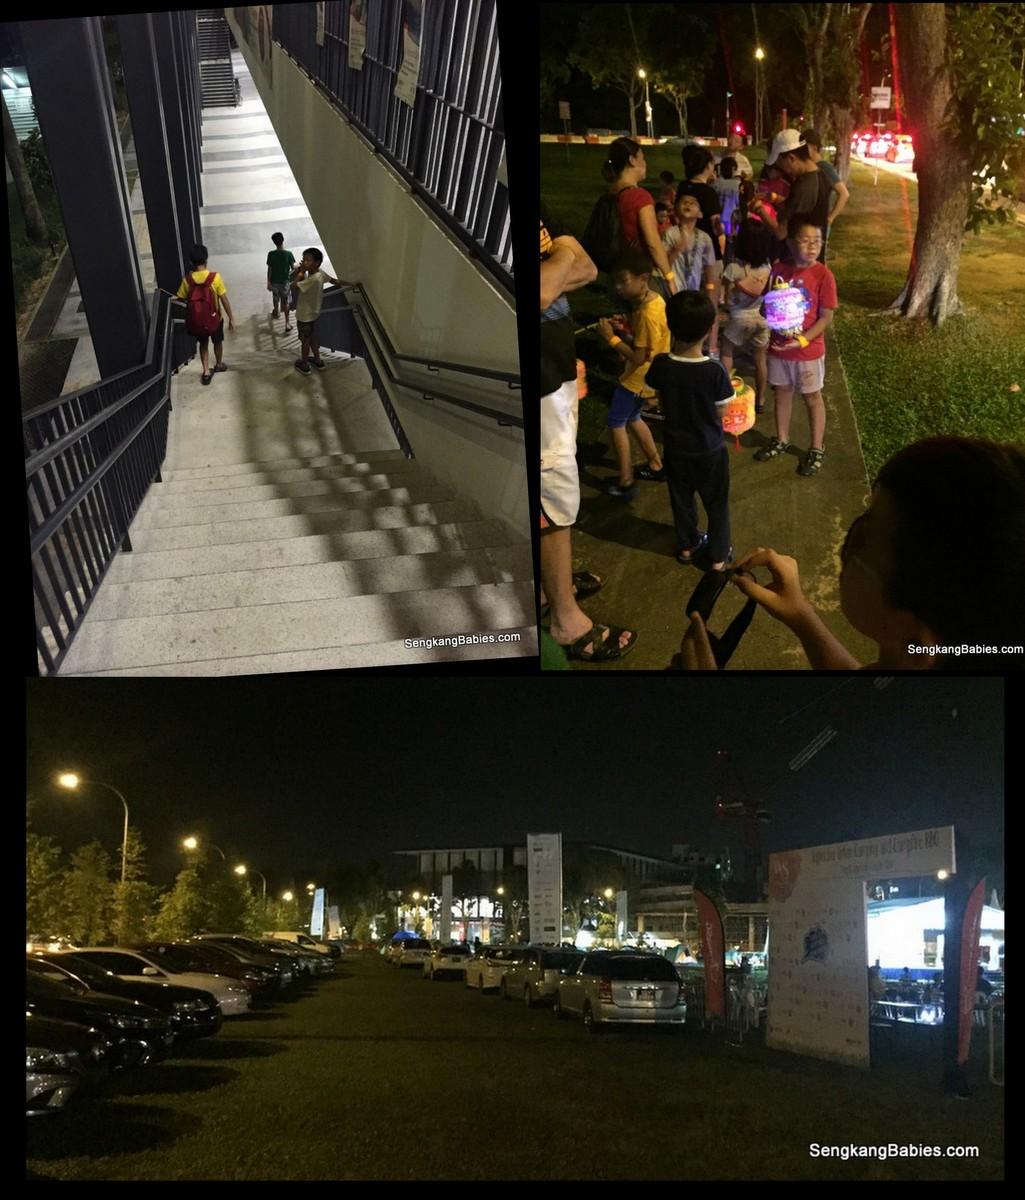 export 20160903 04 Pasir Ris Urban camping14